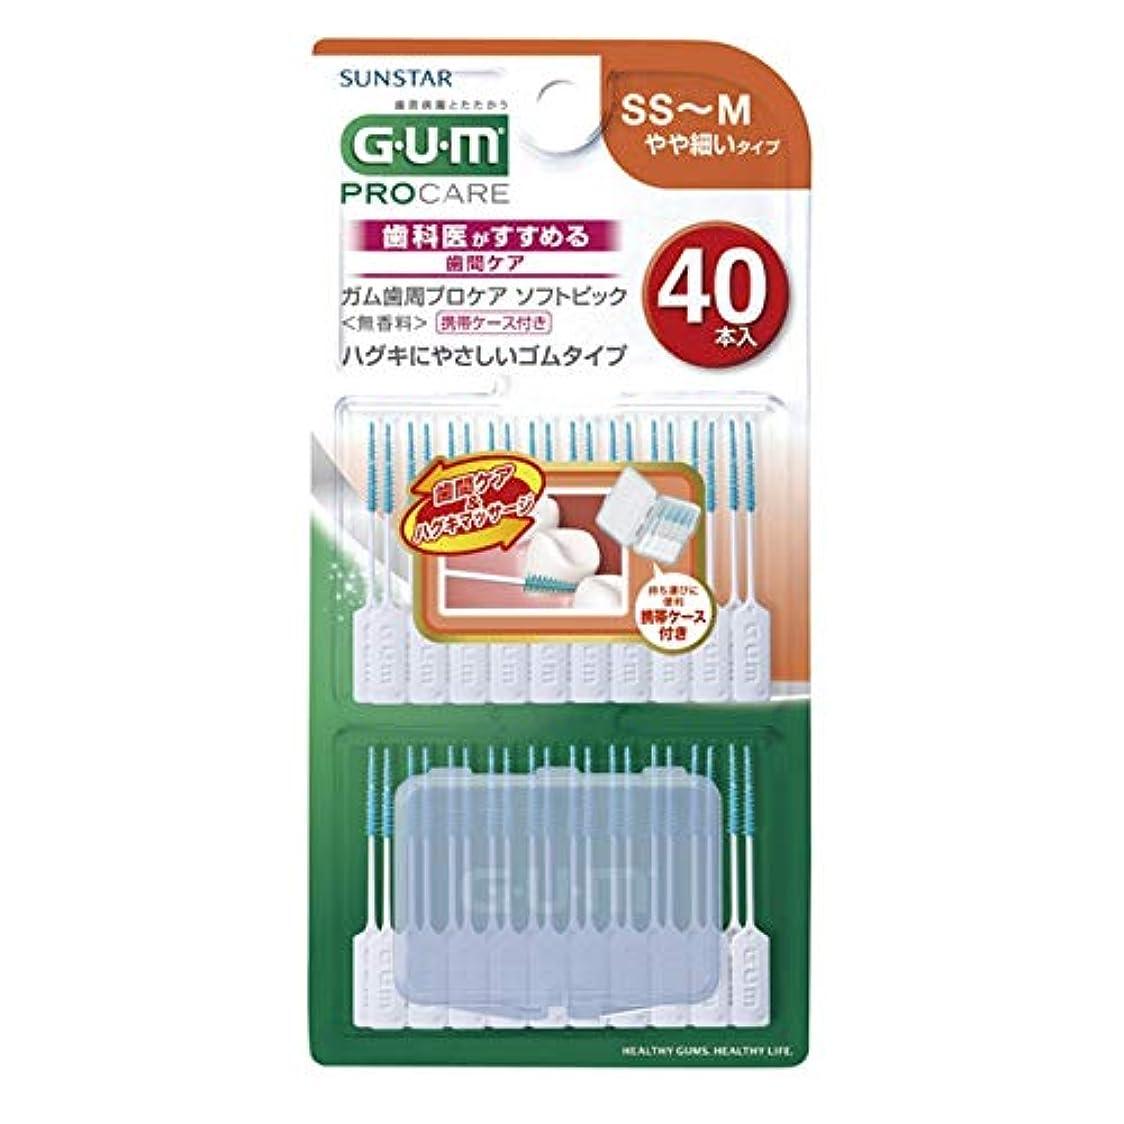 入植者弱いオーナーGUM(ガム) 歯周プロケア ソフトピック 40P 歯間ブラシ ゴムタイプ 無香料 [サイズ:SS~M]